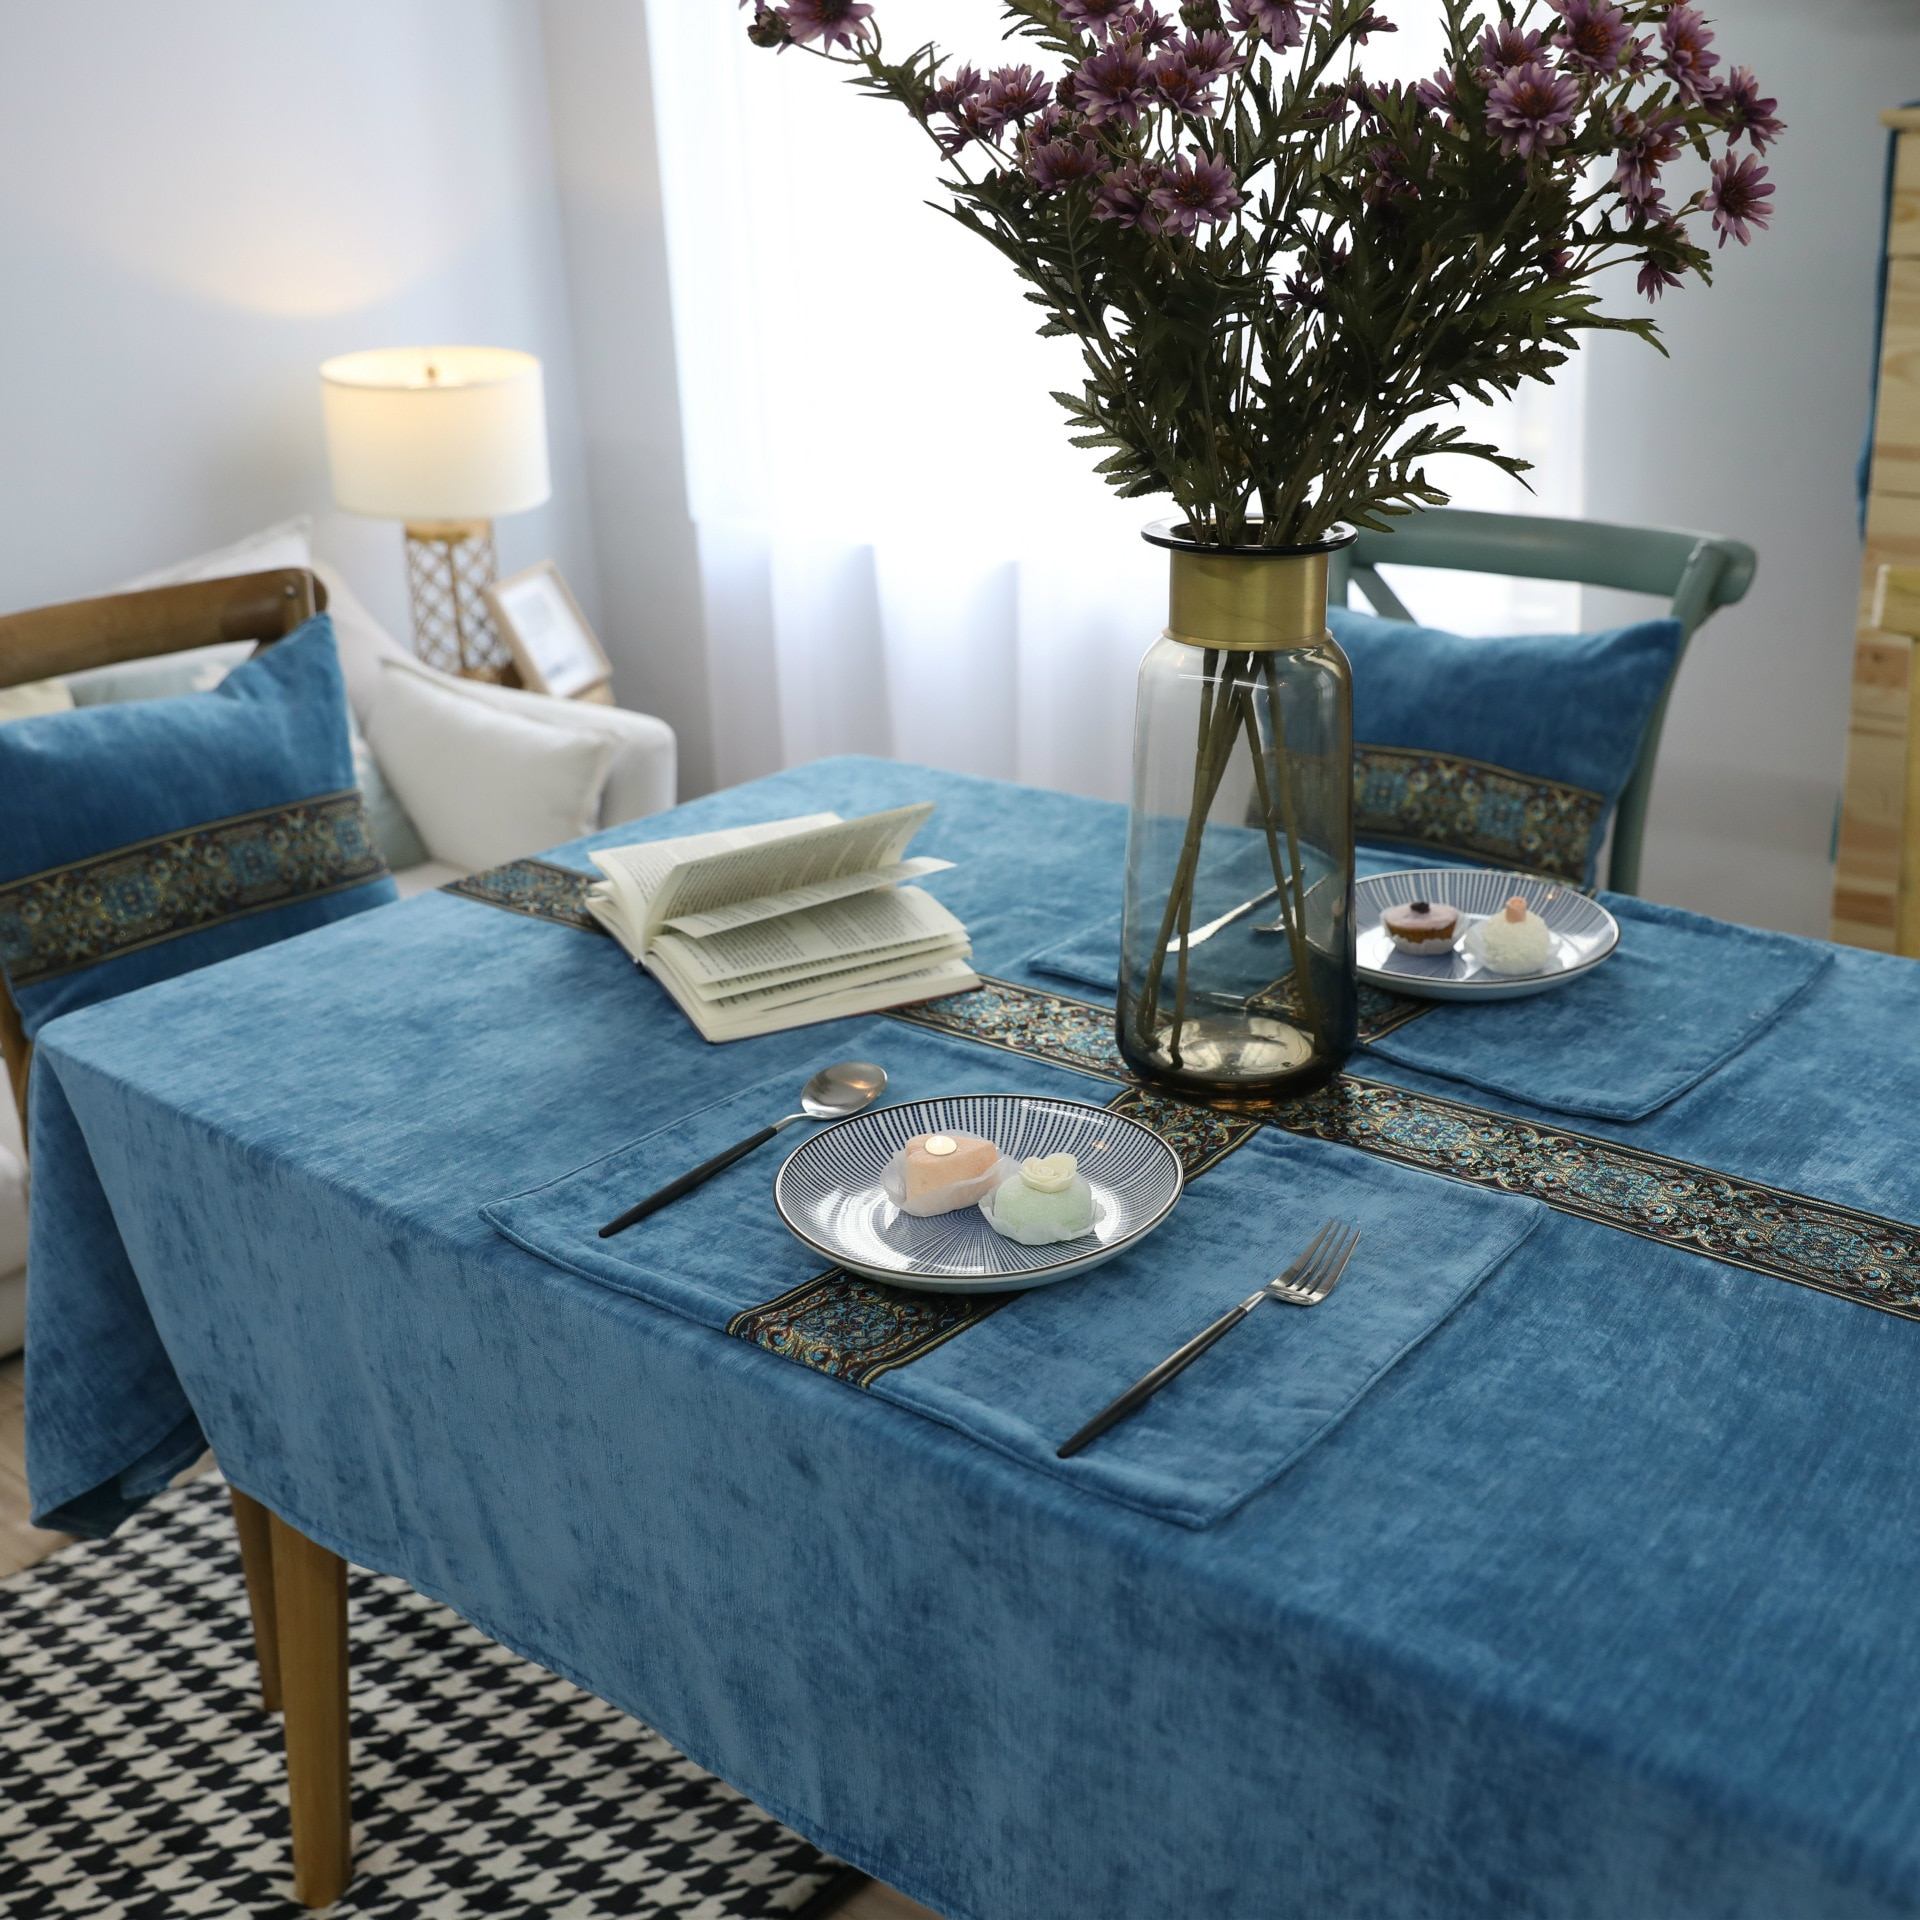 Nórdica clásica de manteles de tela de té Bordado Azul de doble cara de terciopelo grueso de mesa rectangular de tela